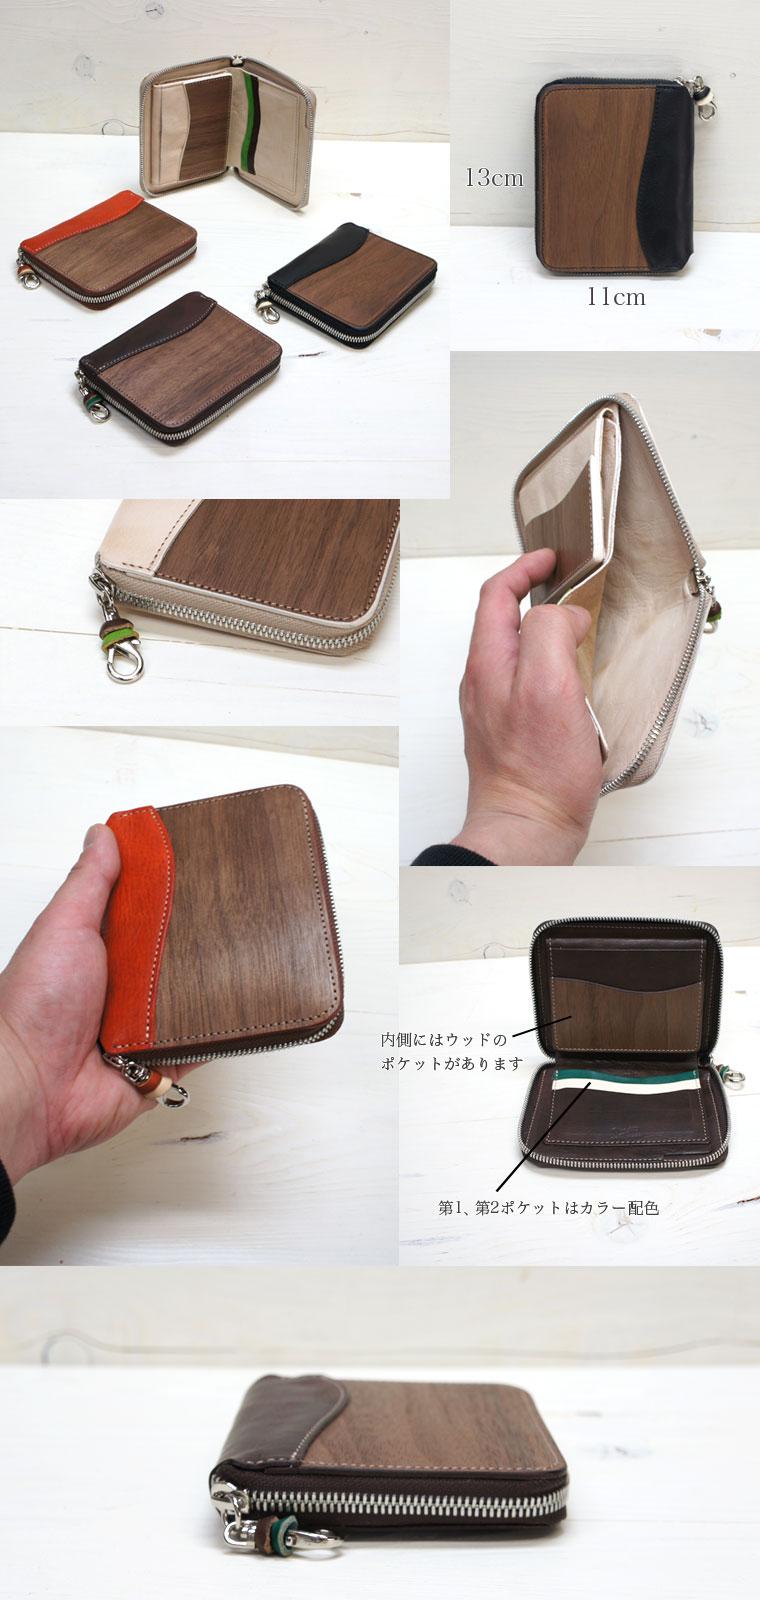 VARCO REALWOOD zipwallet 革製ジップ付き二つ折財布の画像01